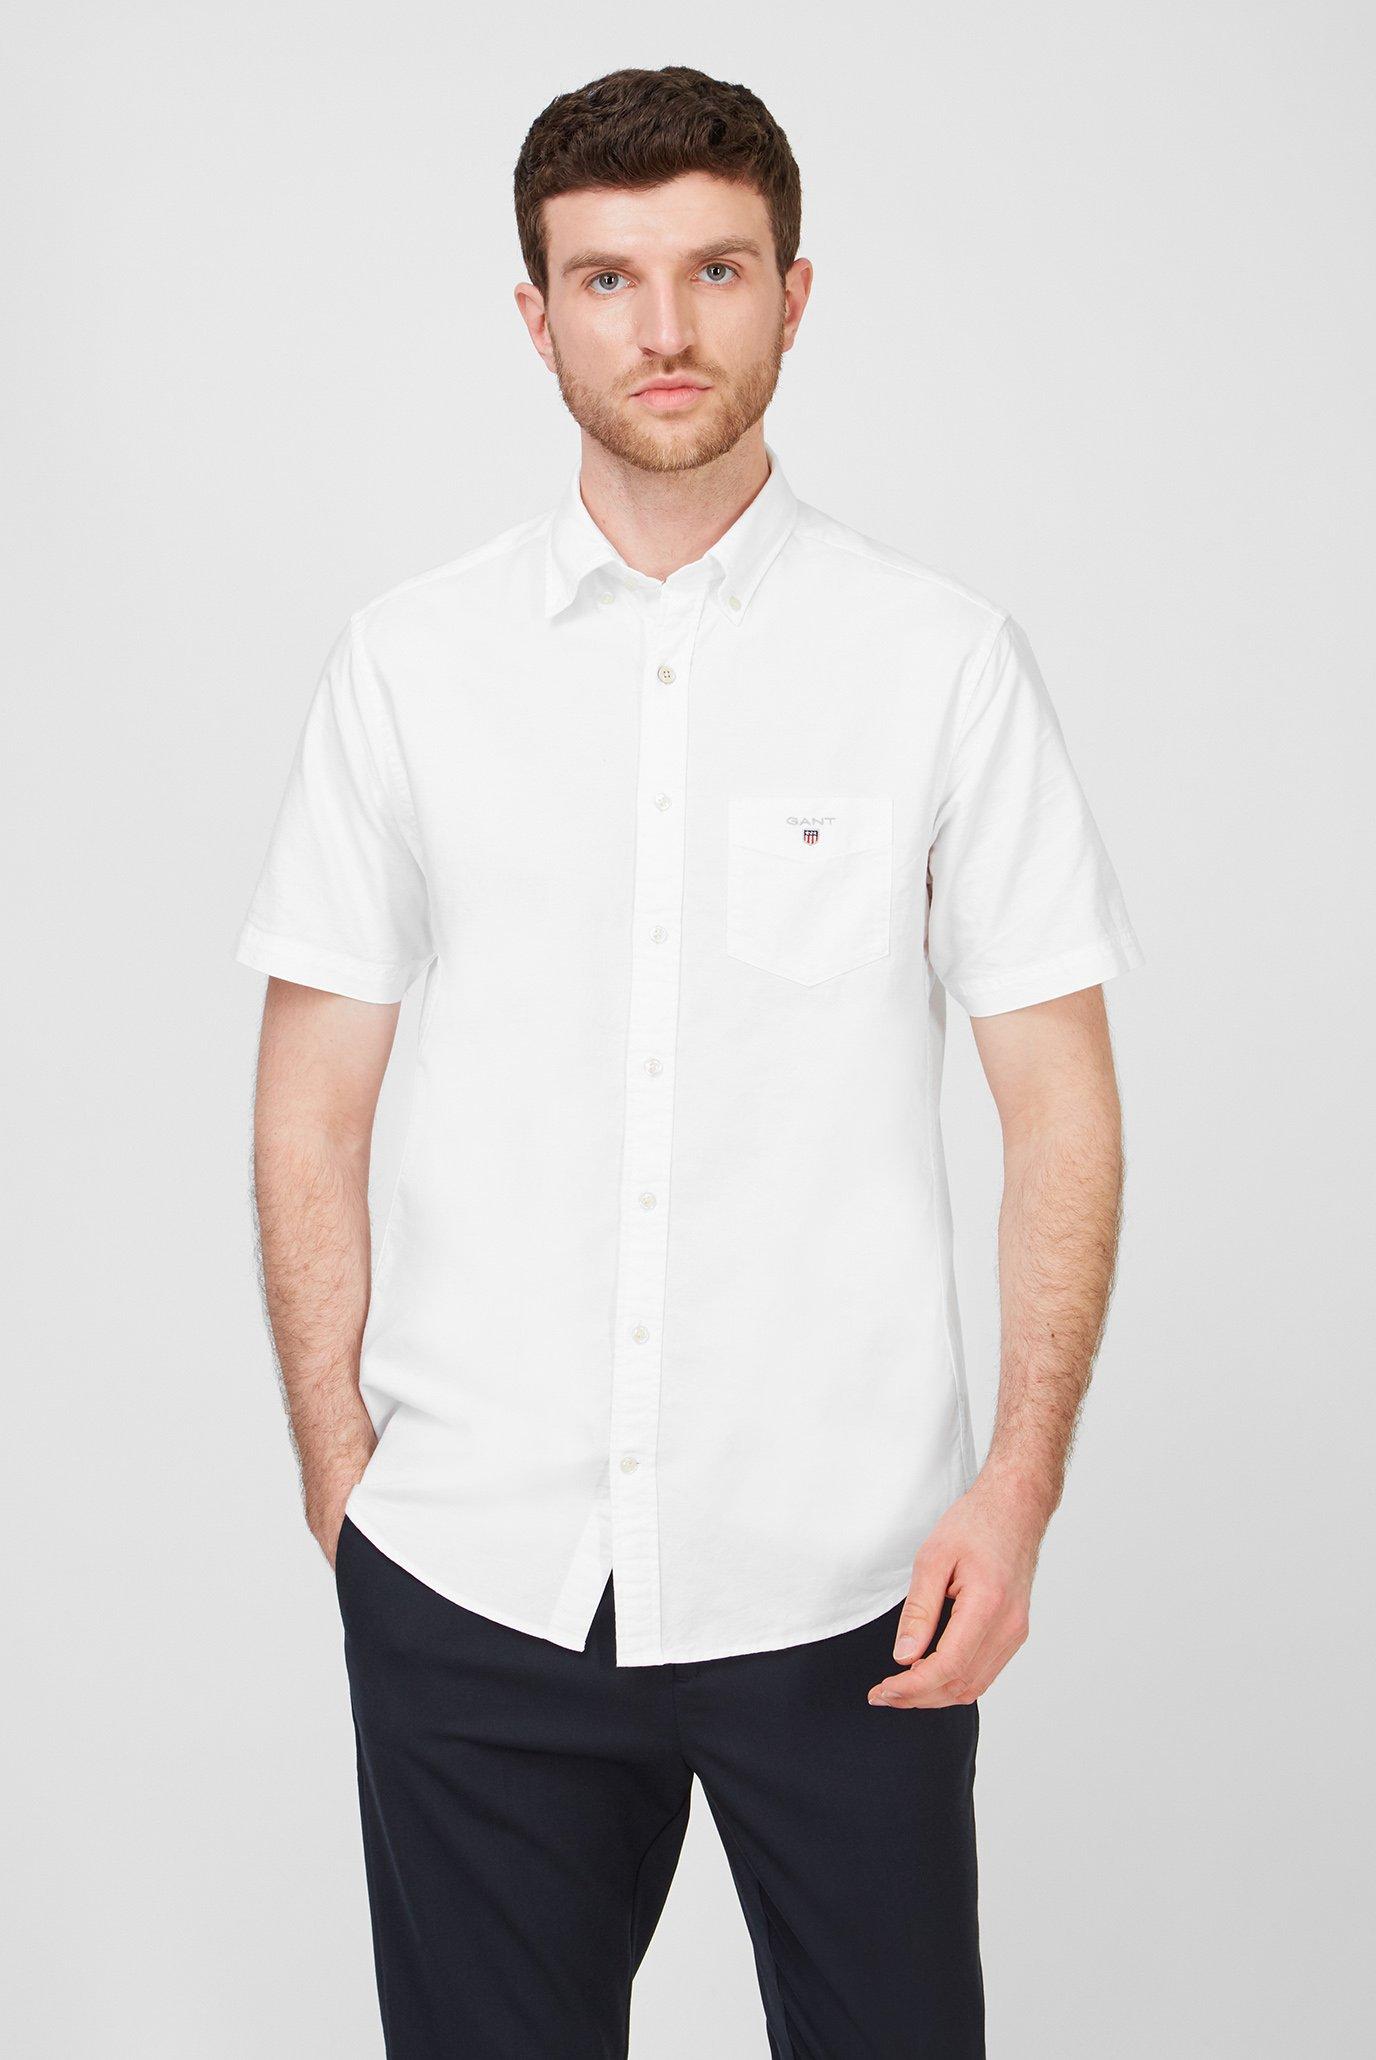 Мужская белая рубашка REG OXFORD 1